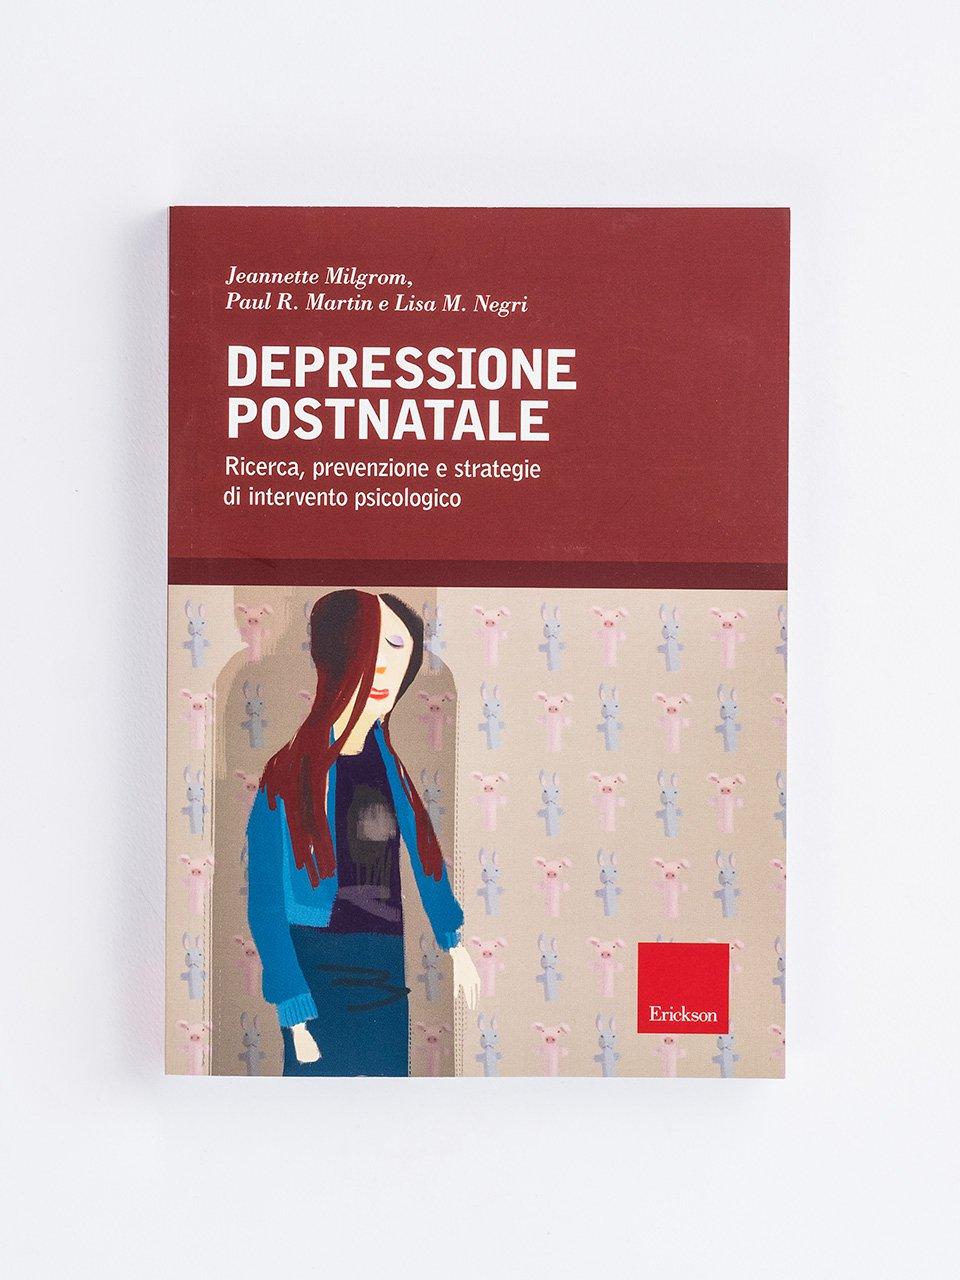 Depressione postnatale - Superare la depressione - Libri - Erickson